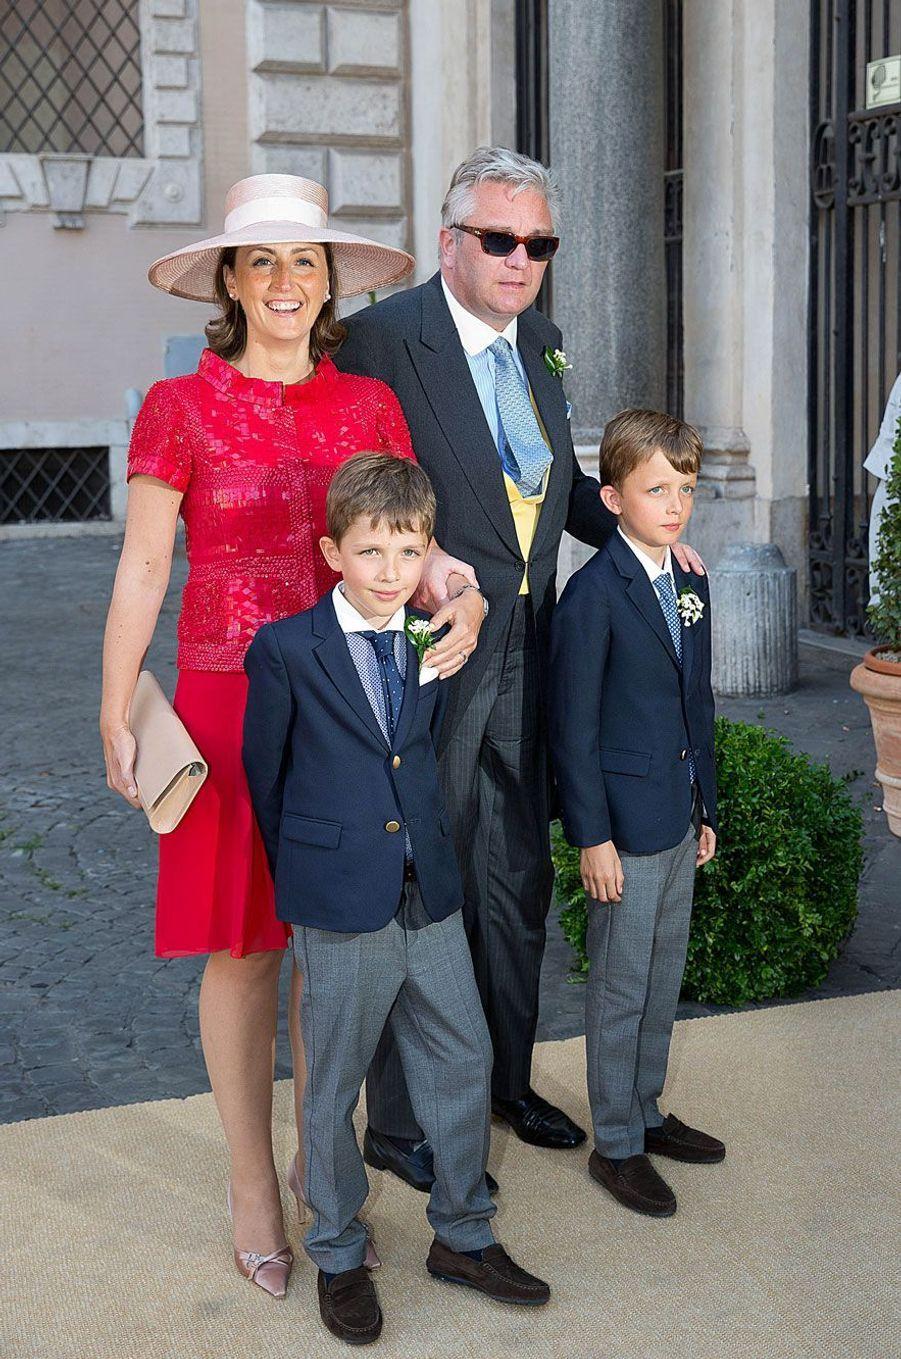 Laurent de Belgique avec la princesse Claire et les princes Nicolas et Aymeric.